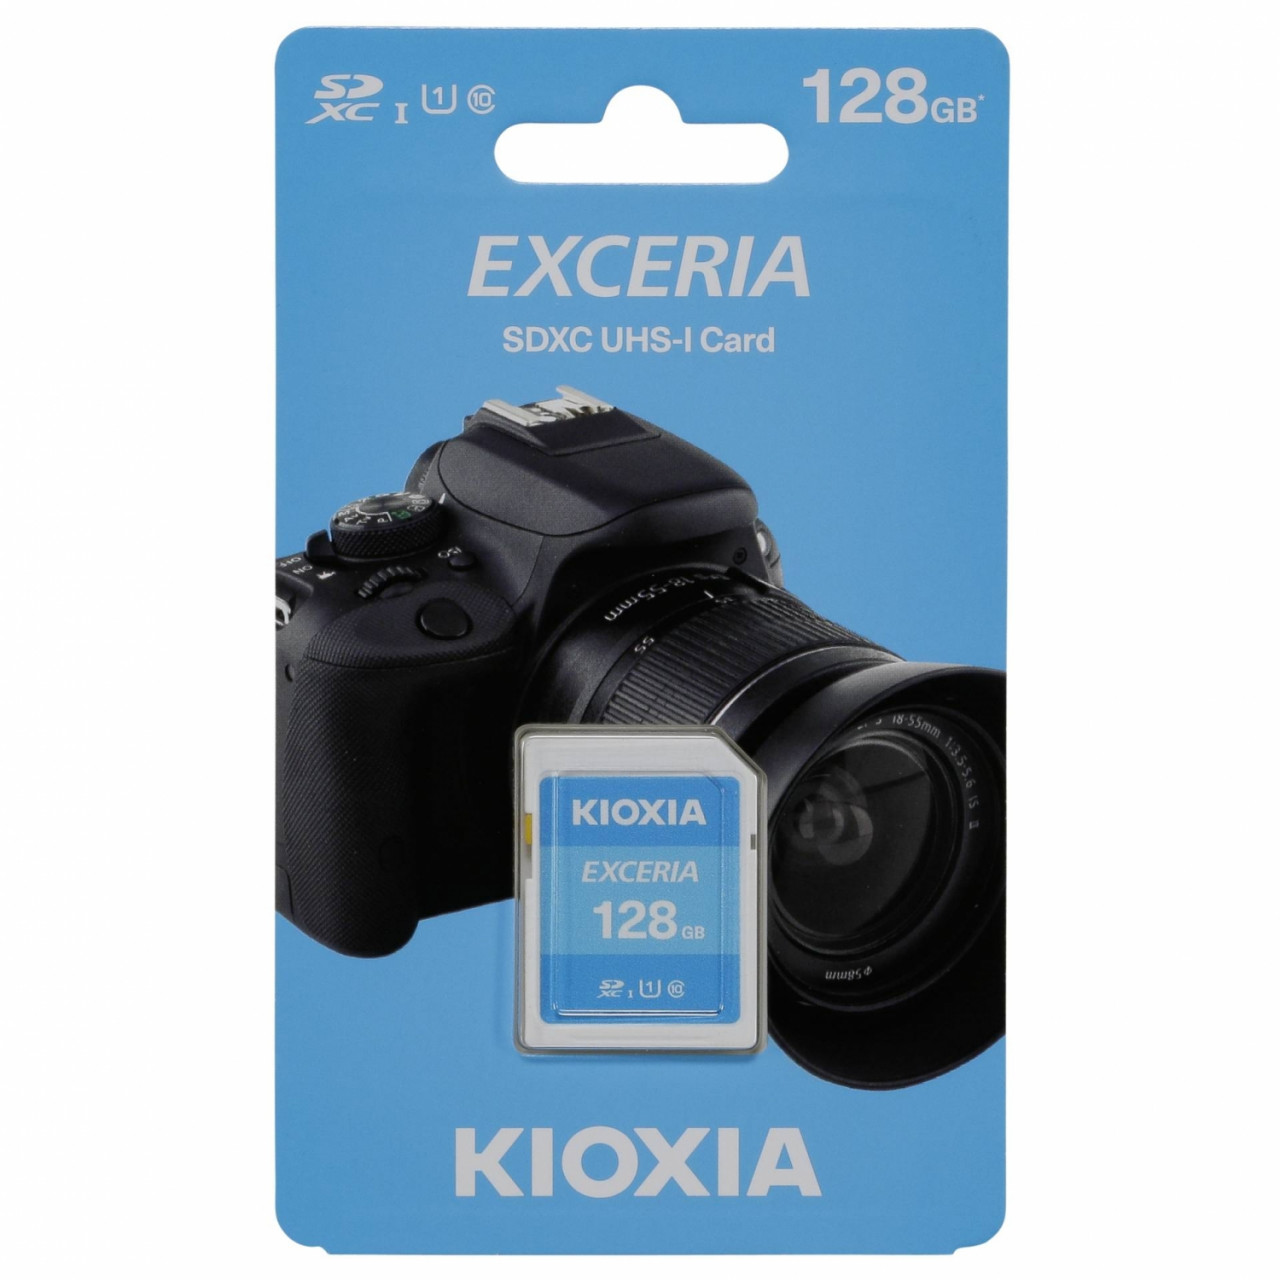 Kioxia Exceria SDXC 128GB Class 10 UHS-1